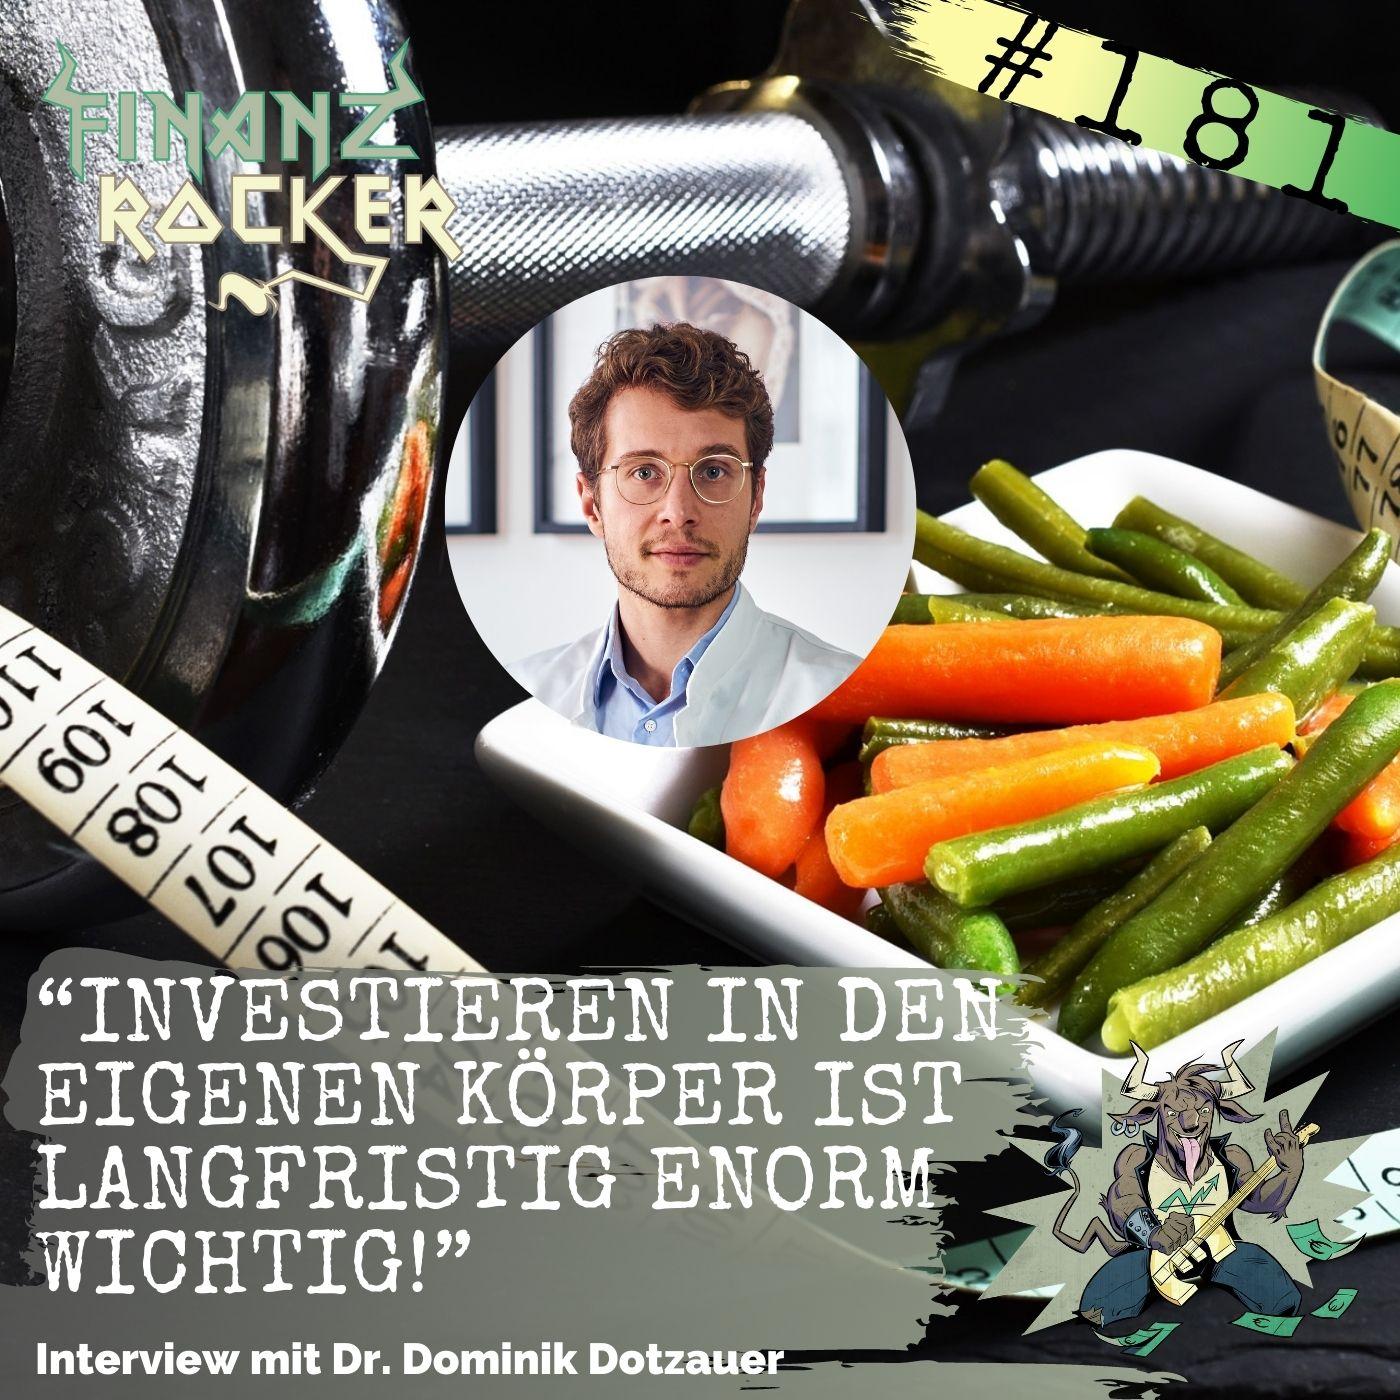 """Folge 181: """"Investieren in den eigenen Körper ist langfristig enorm wichtig!"""" - Interview mit Dr. Dominik Dotzauer"""